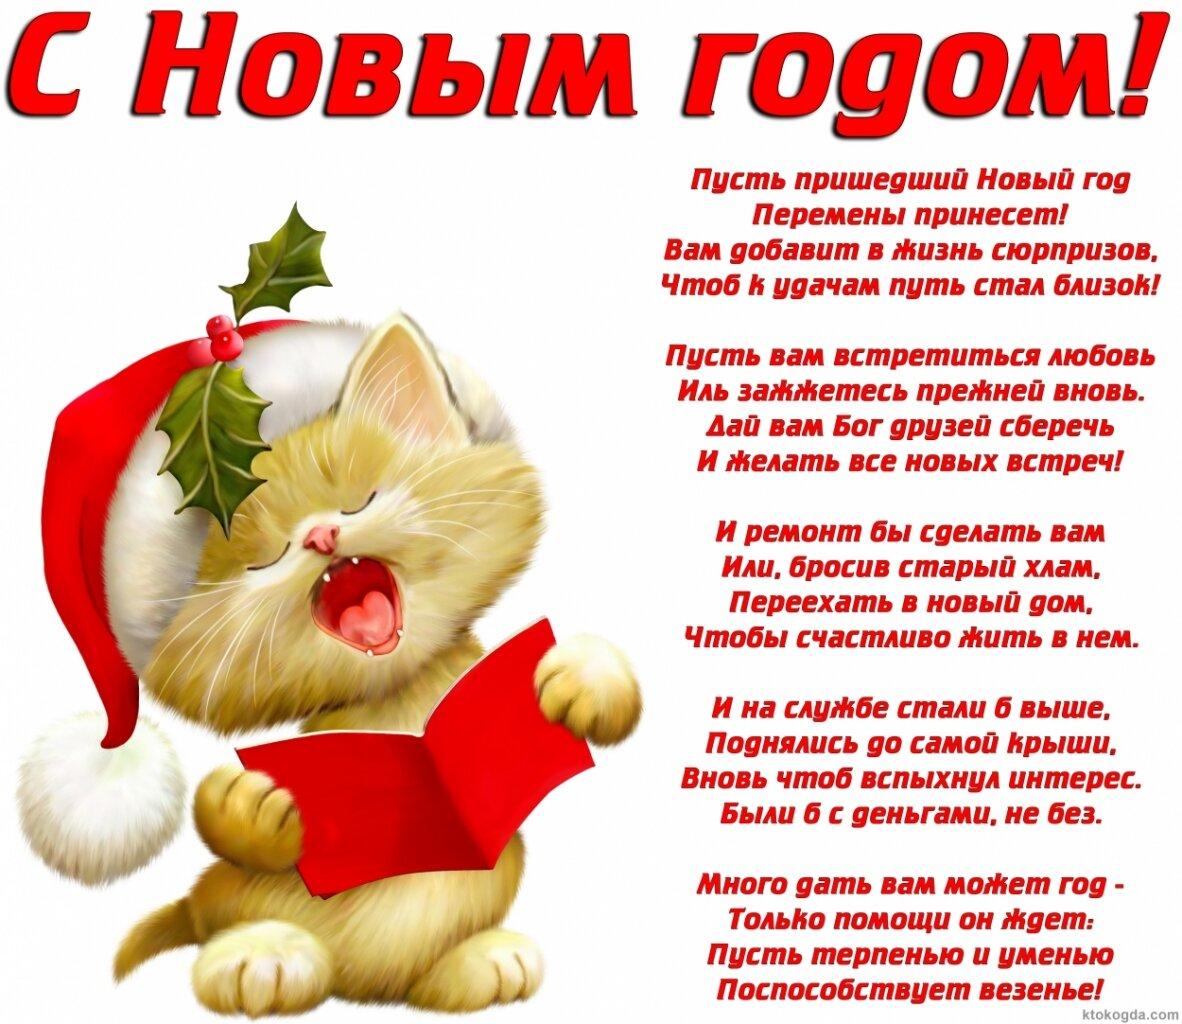 Мото, поздравления с новым годом в стихах из открытки